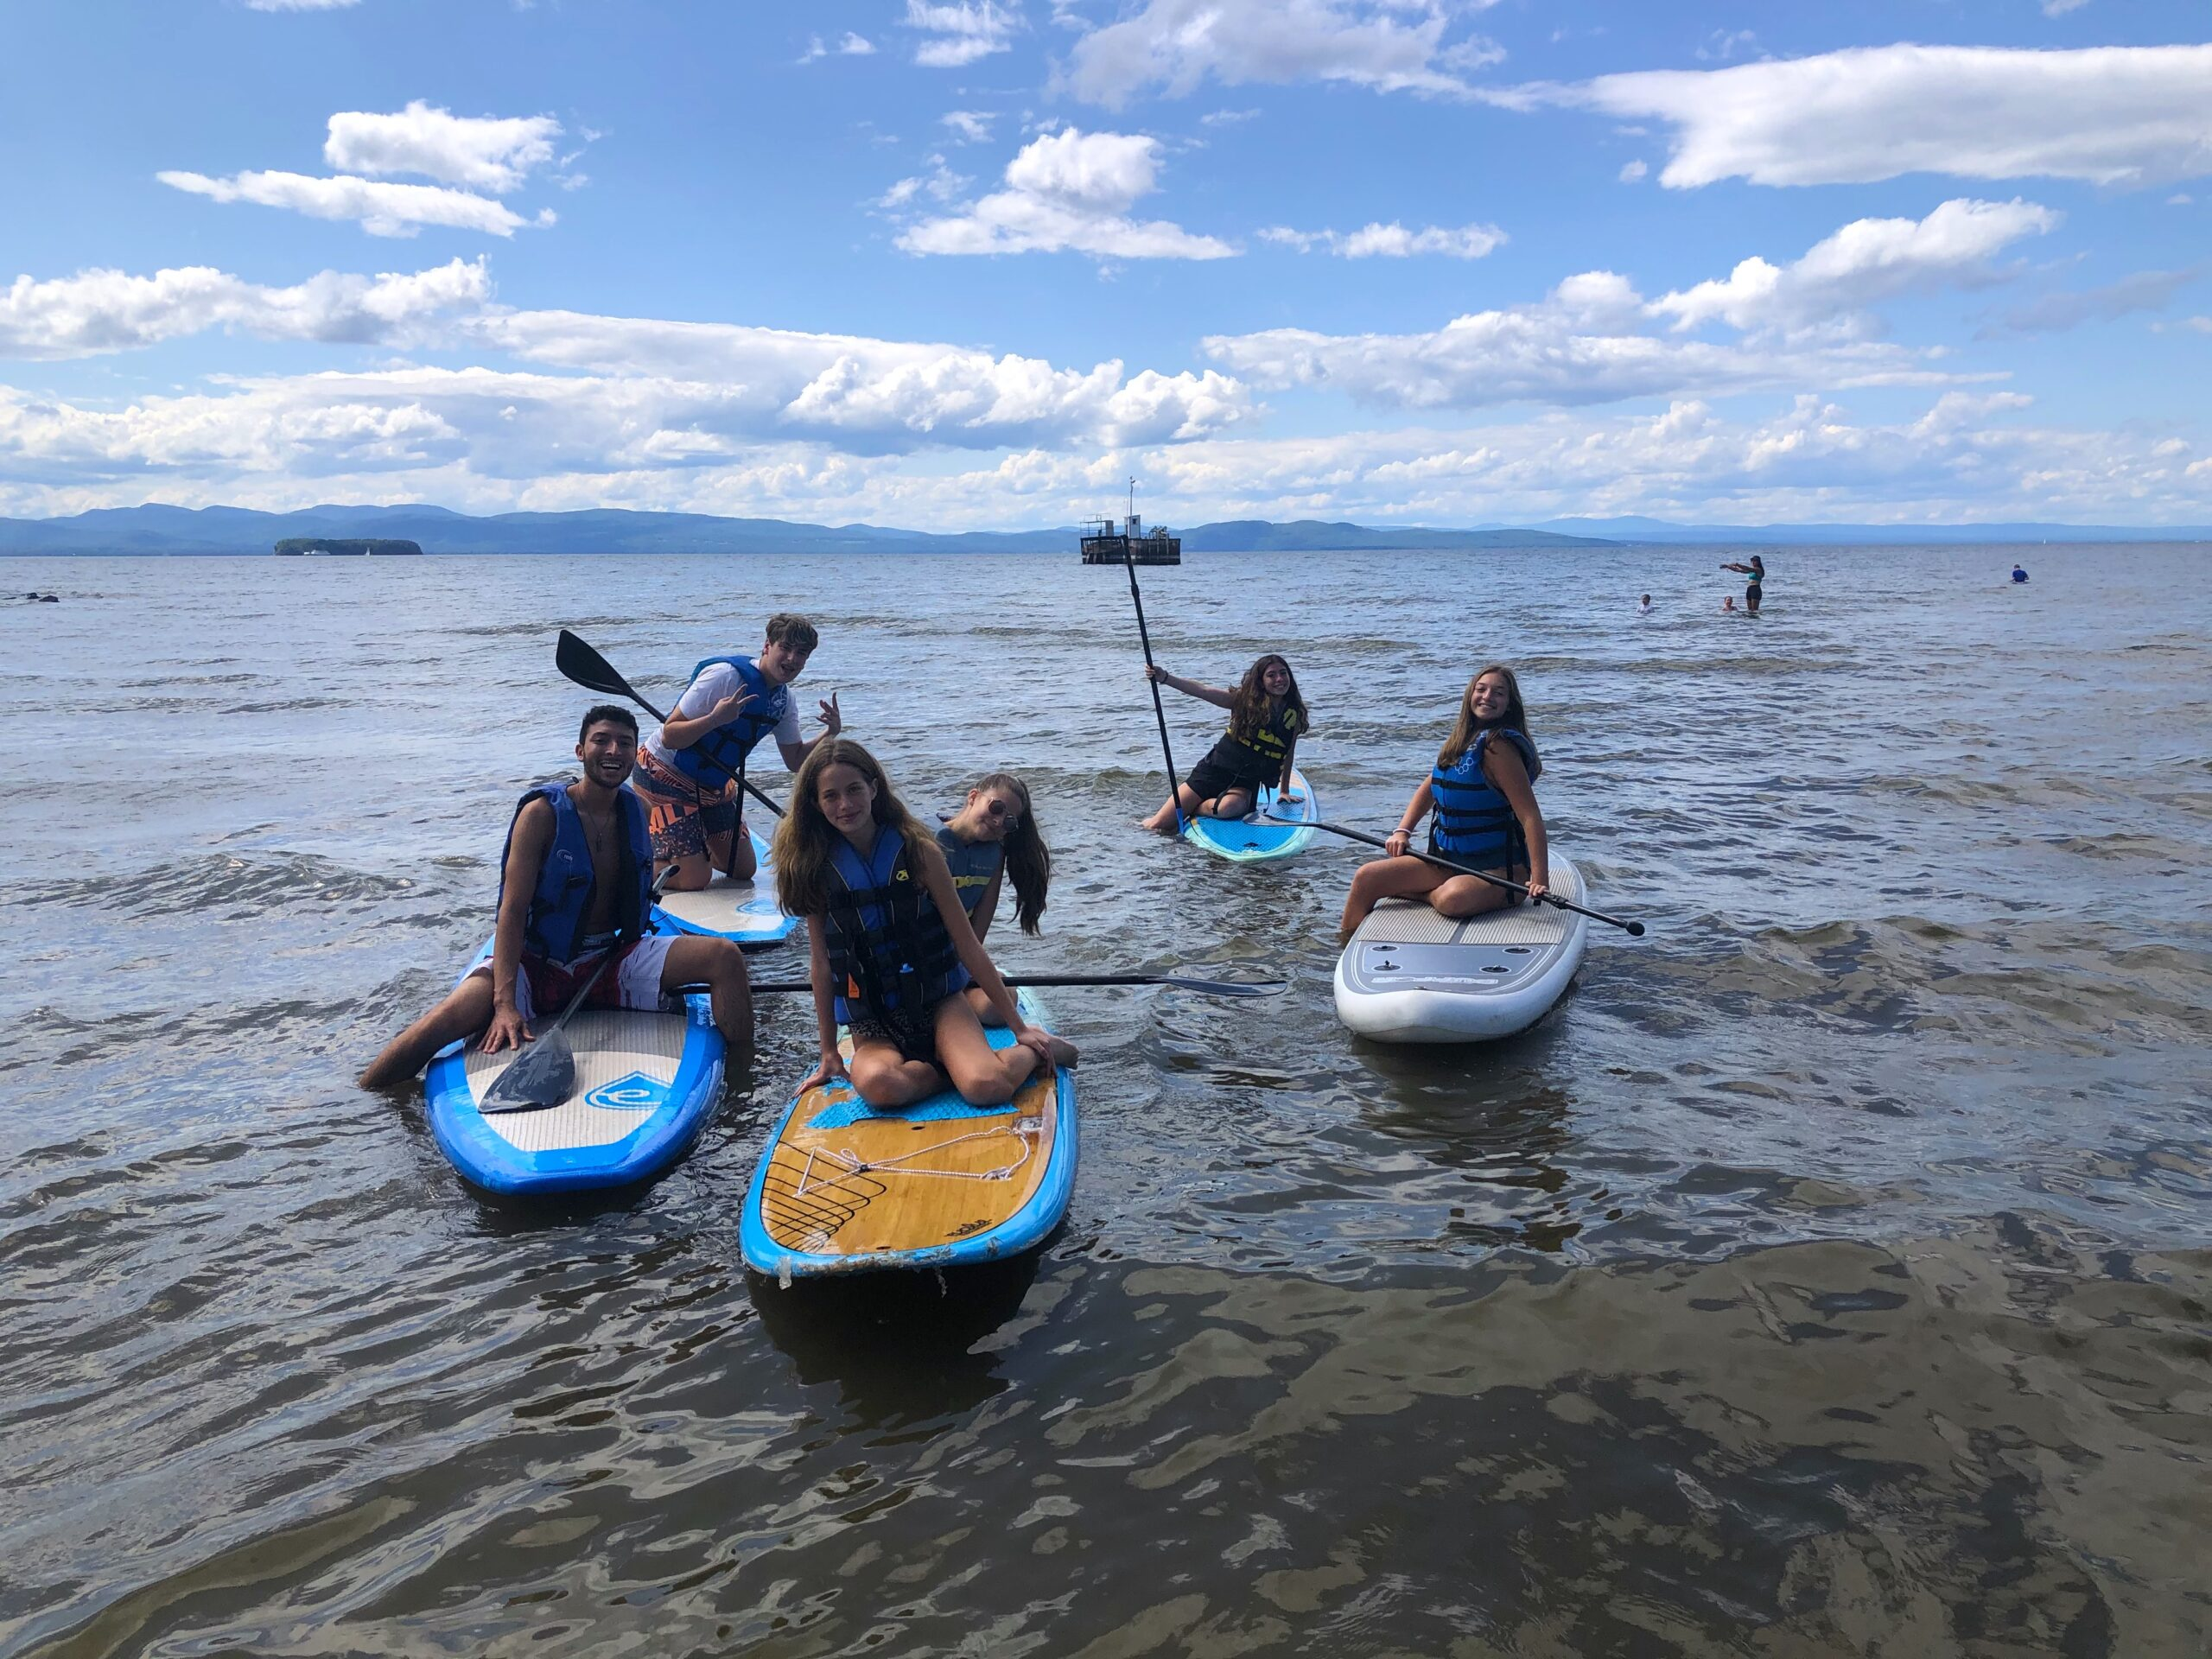 paddle boarding fun